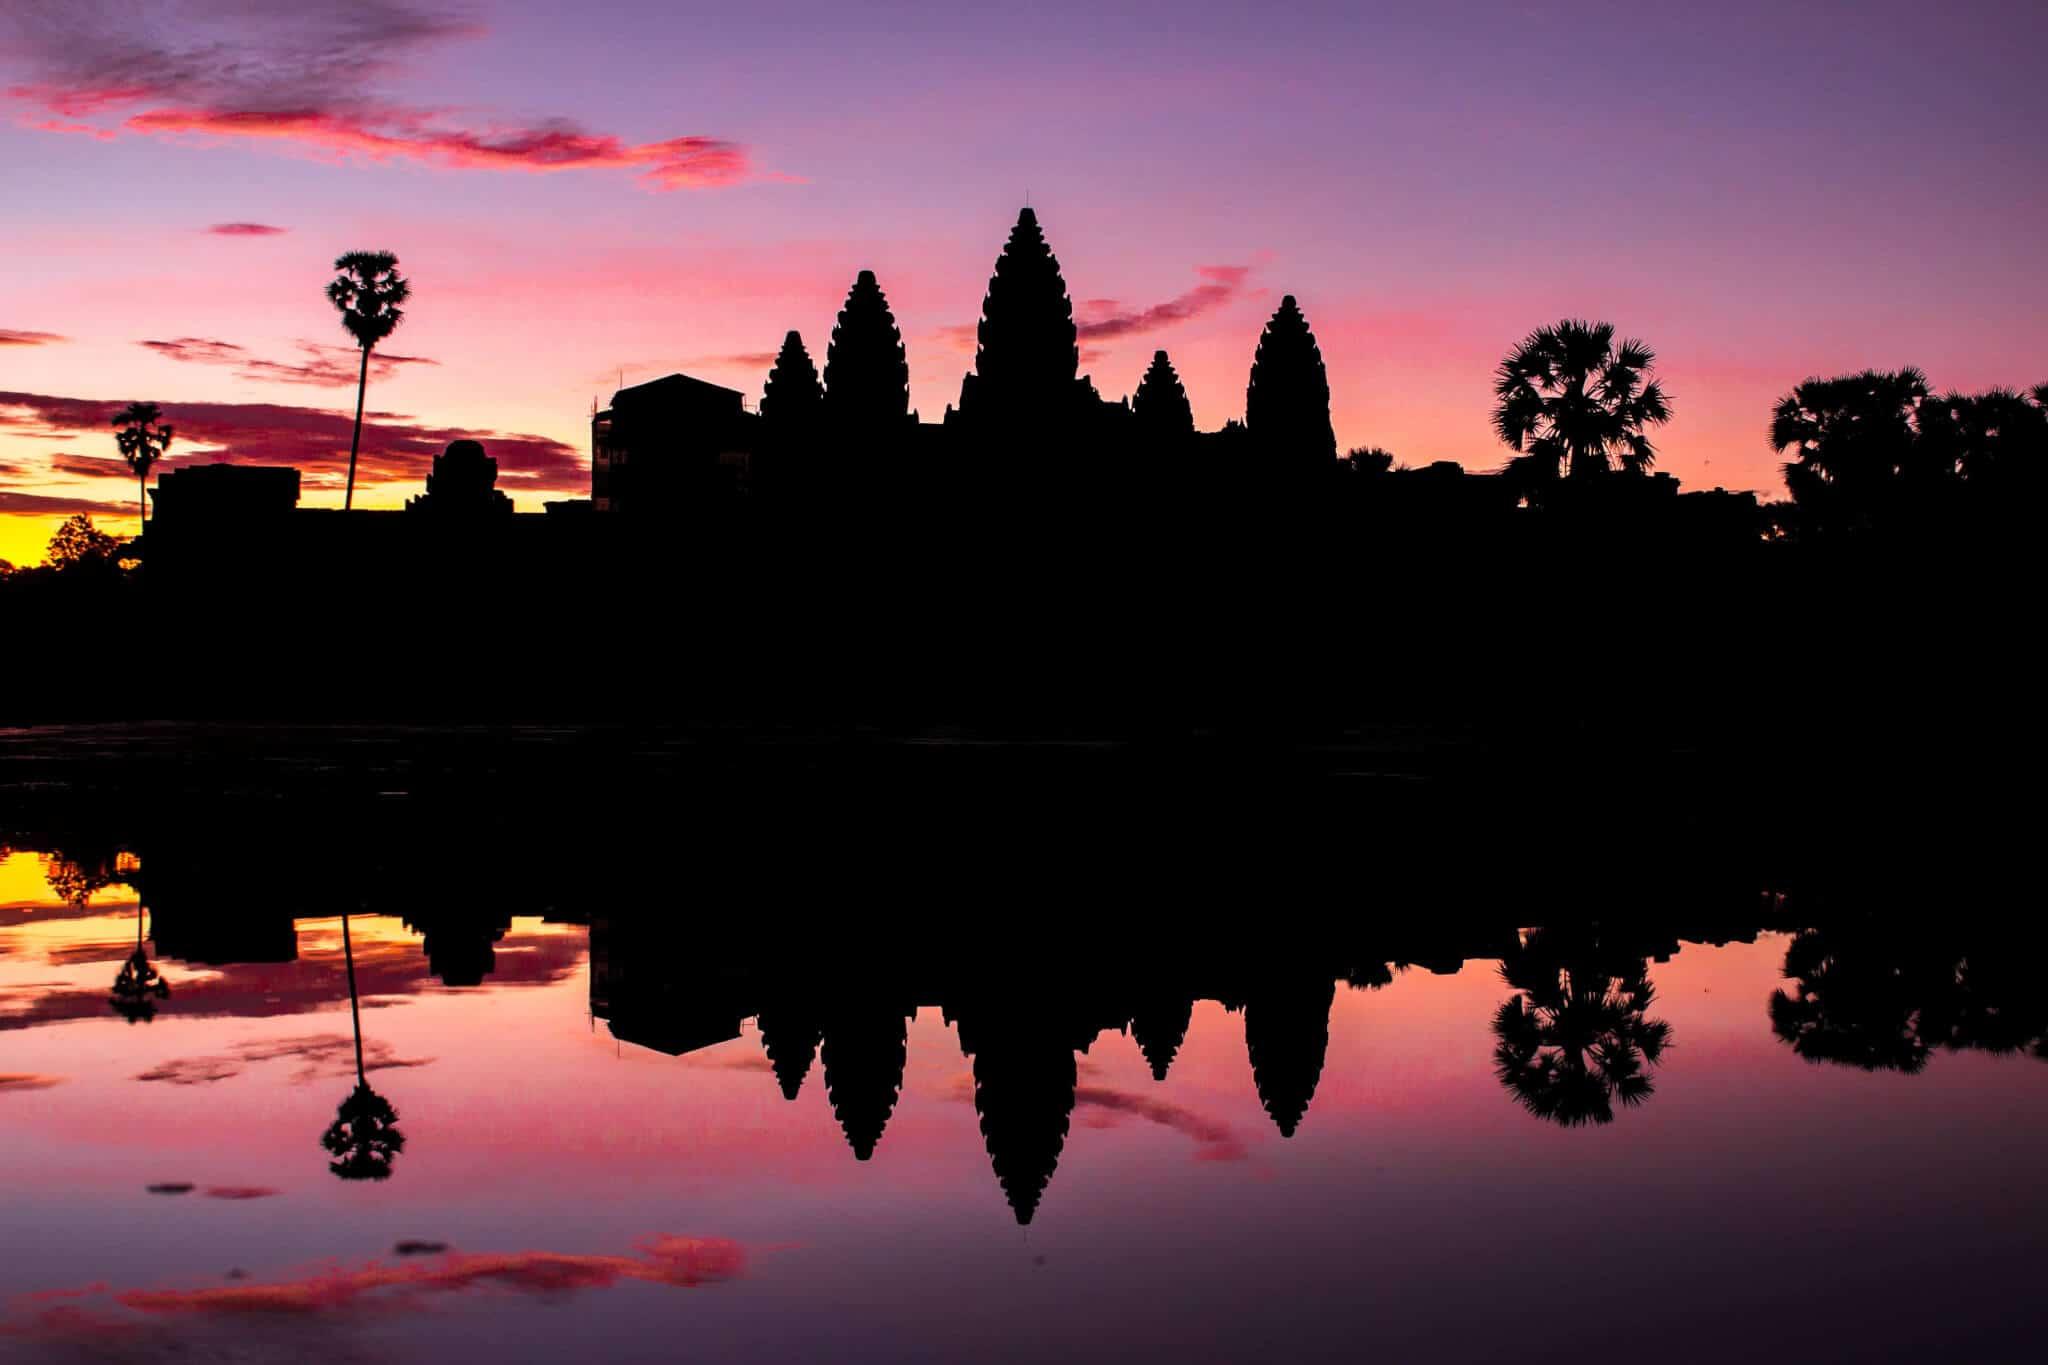 tefl cambodia jobs no degree